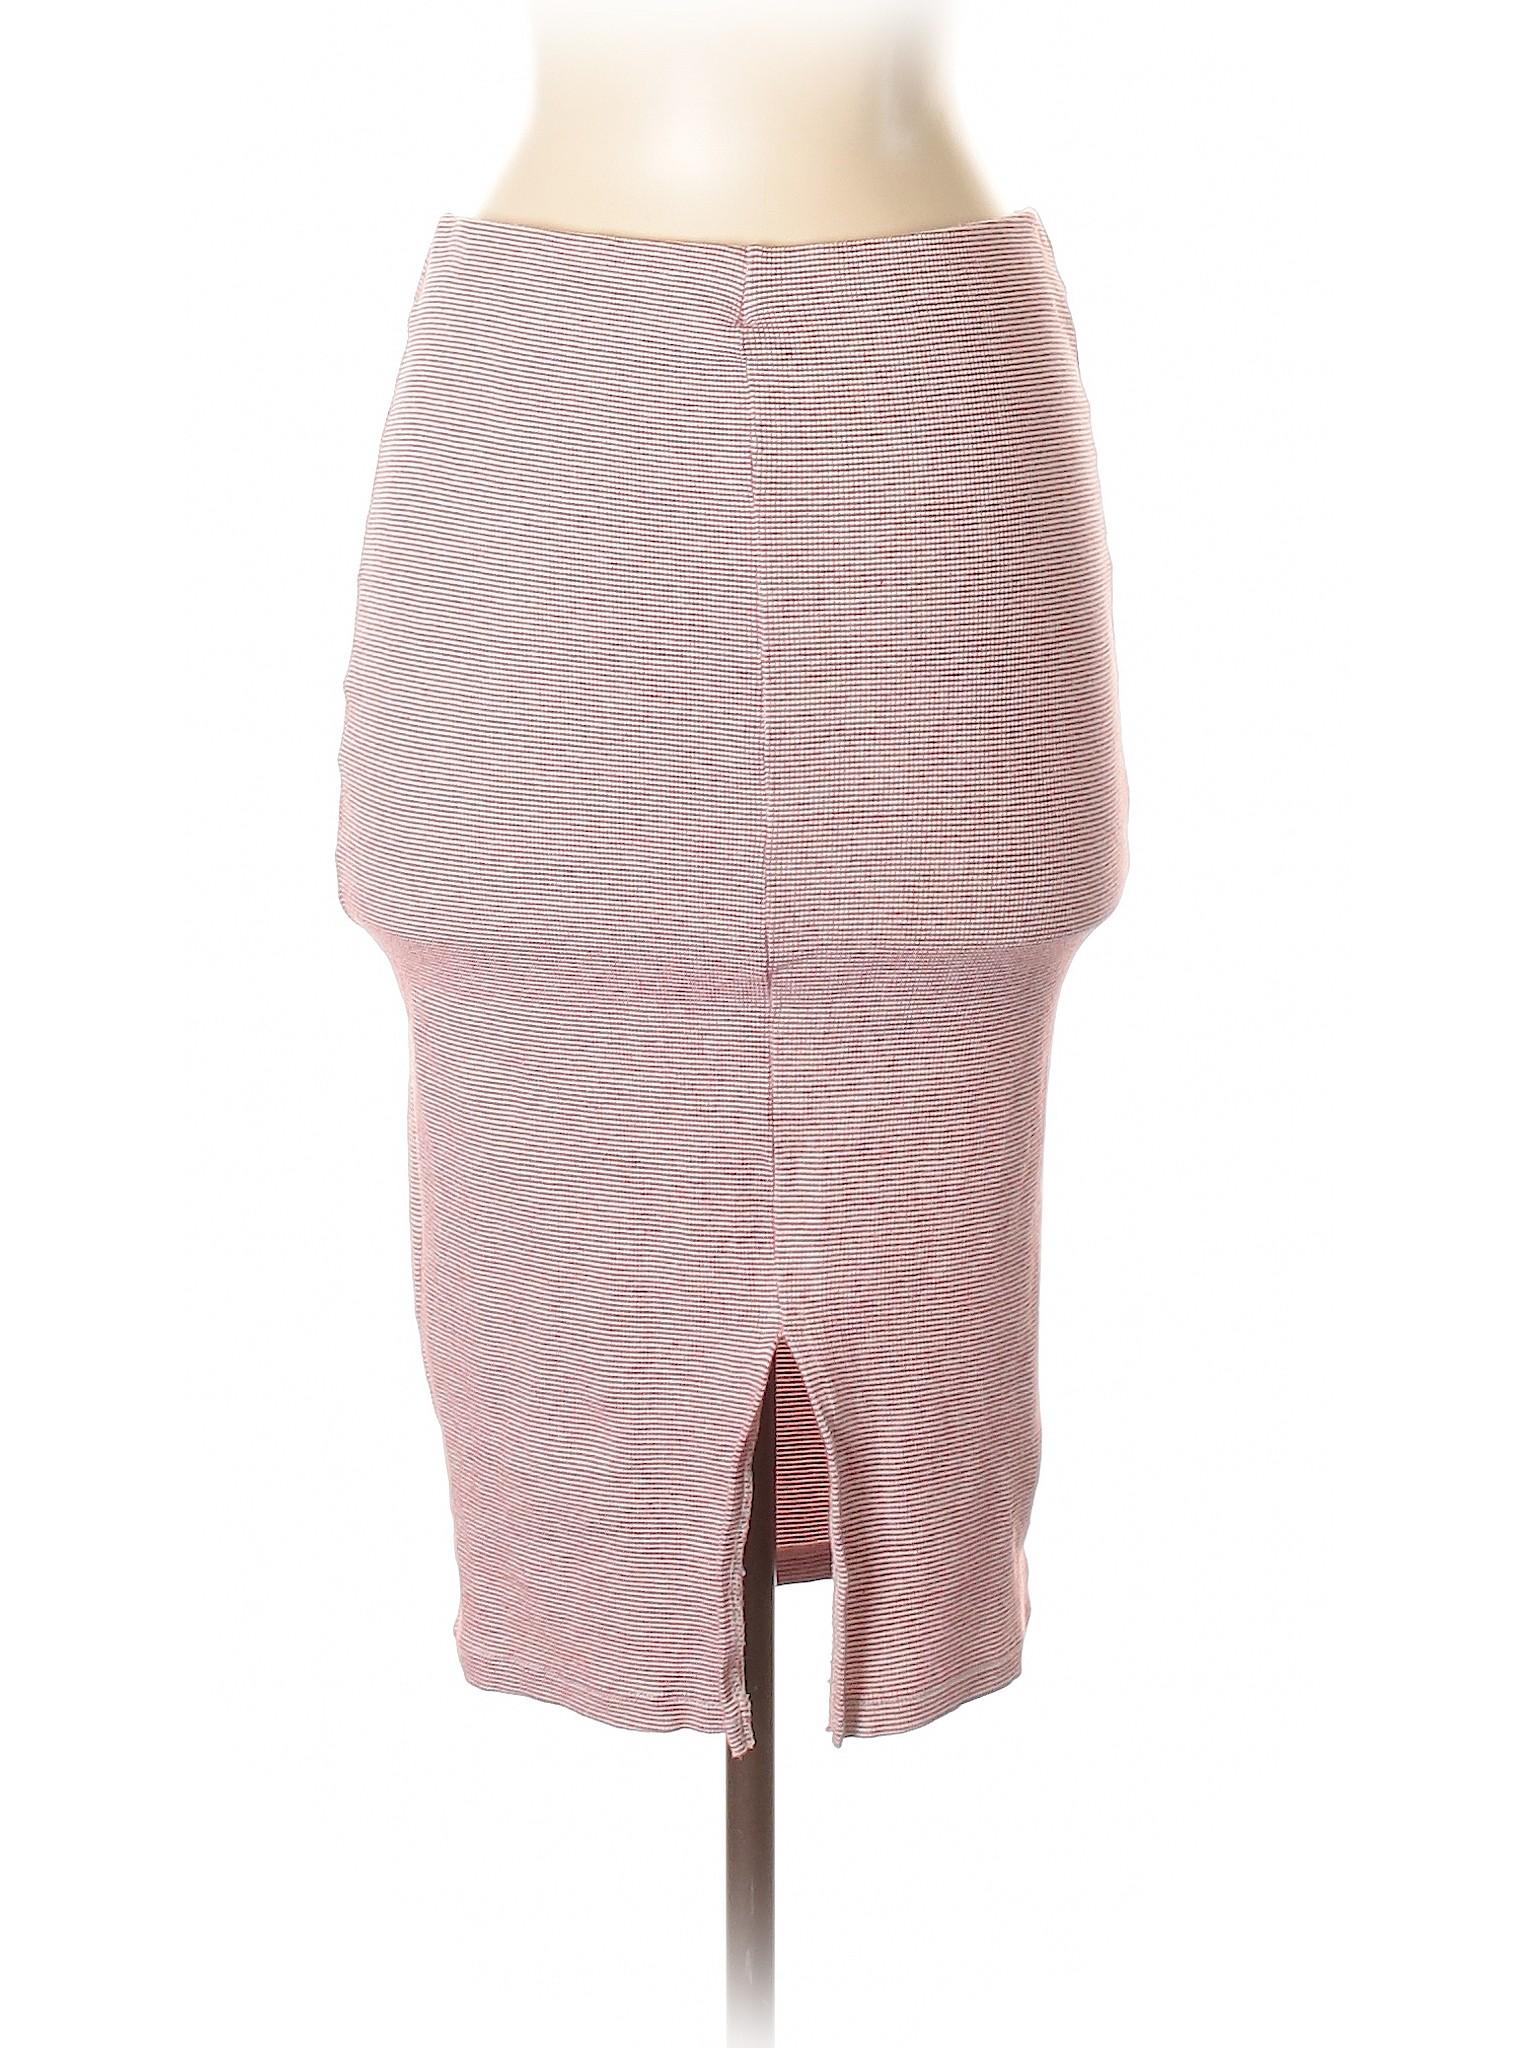 Skirt Boutique Boutique Skirt Skirt Skirt Casual Boutique Casual Boutique Casual Casual Boutique A5R7q7